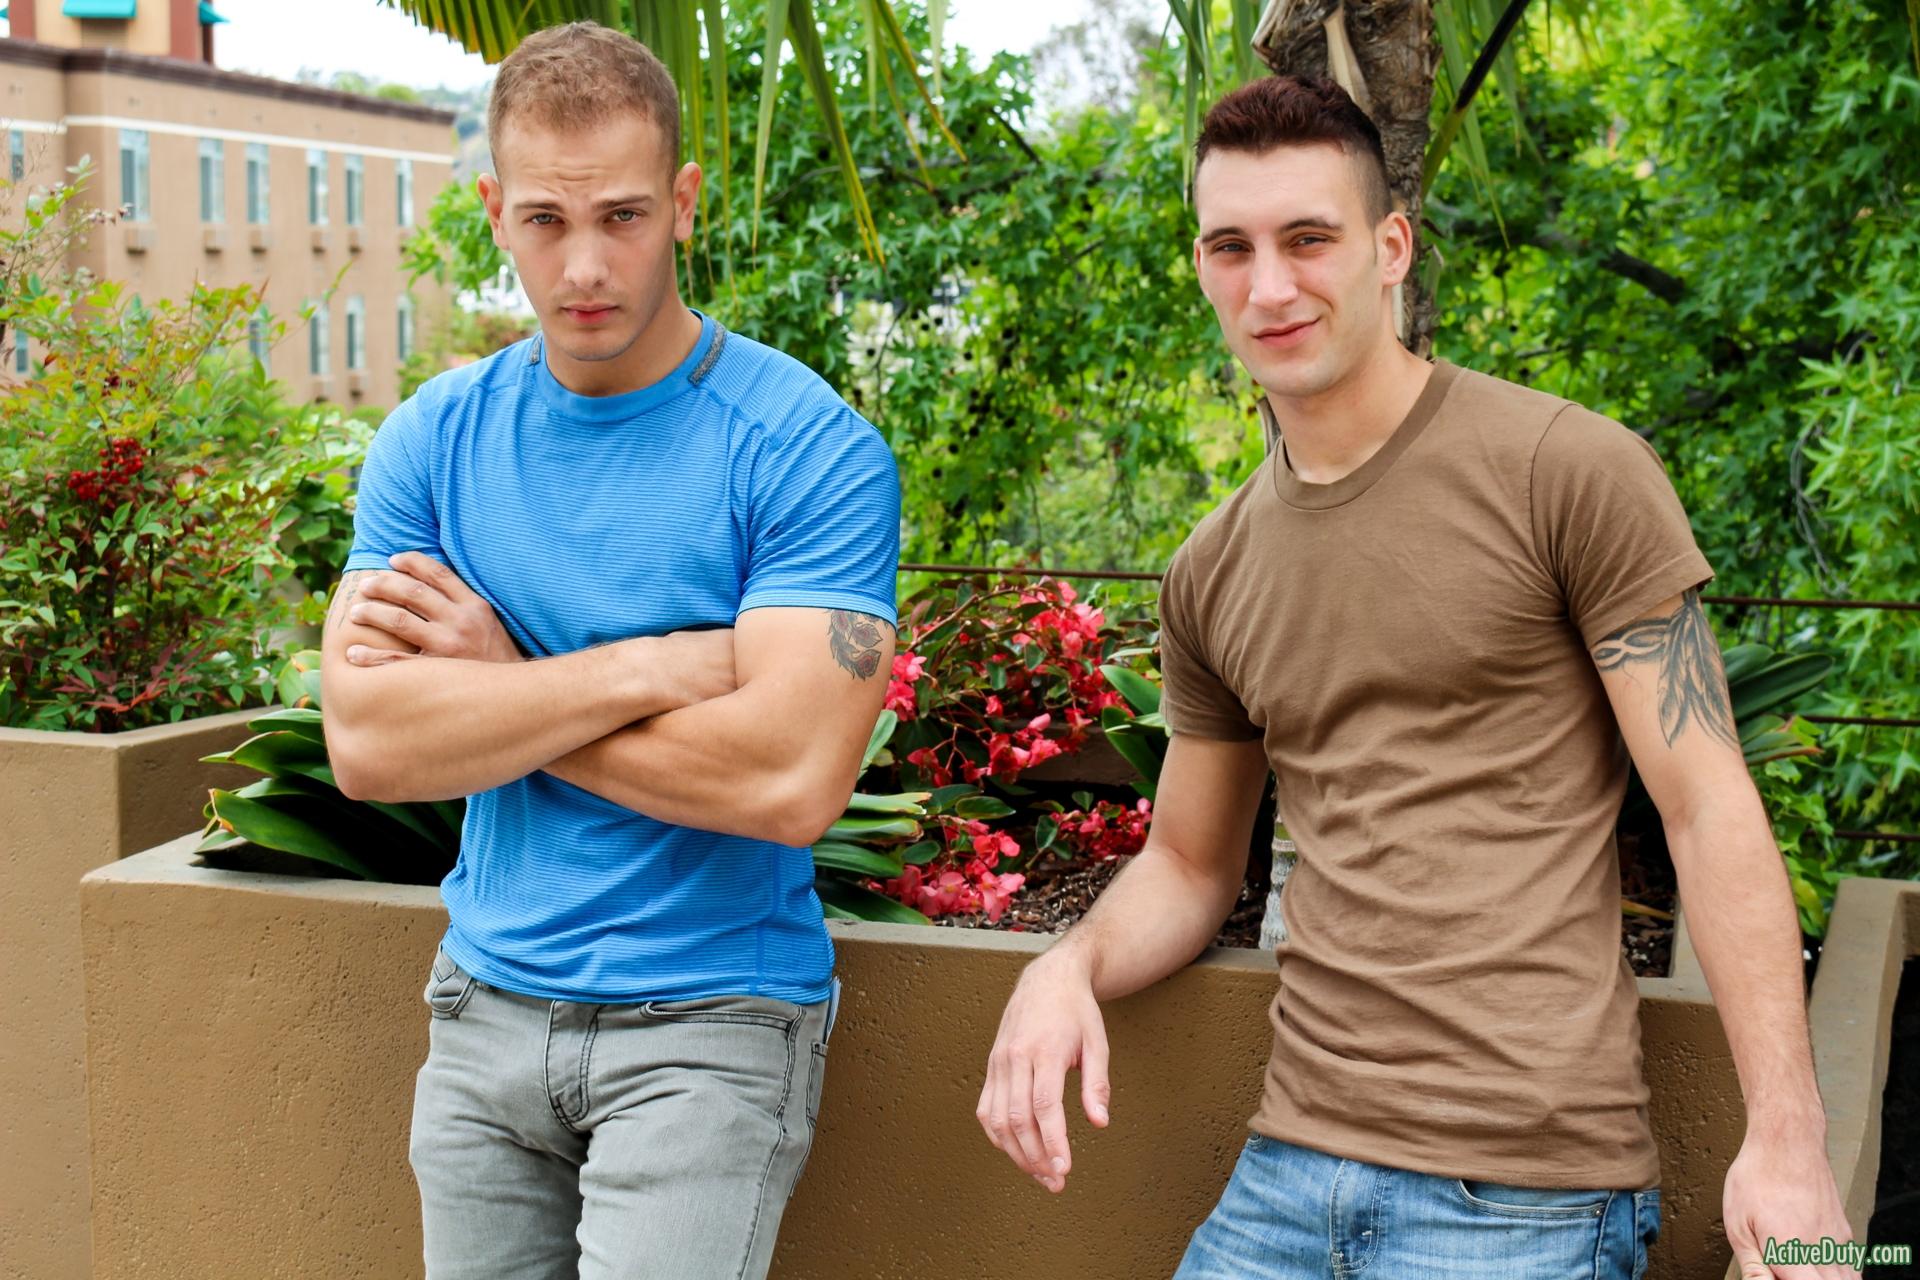 Active Duty Gay Videos 84